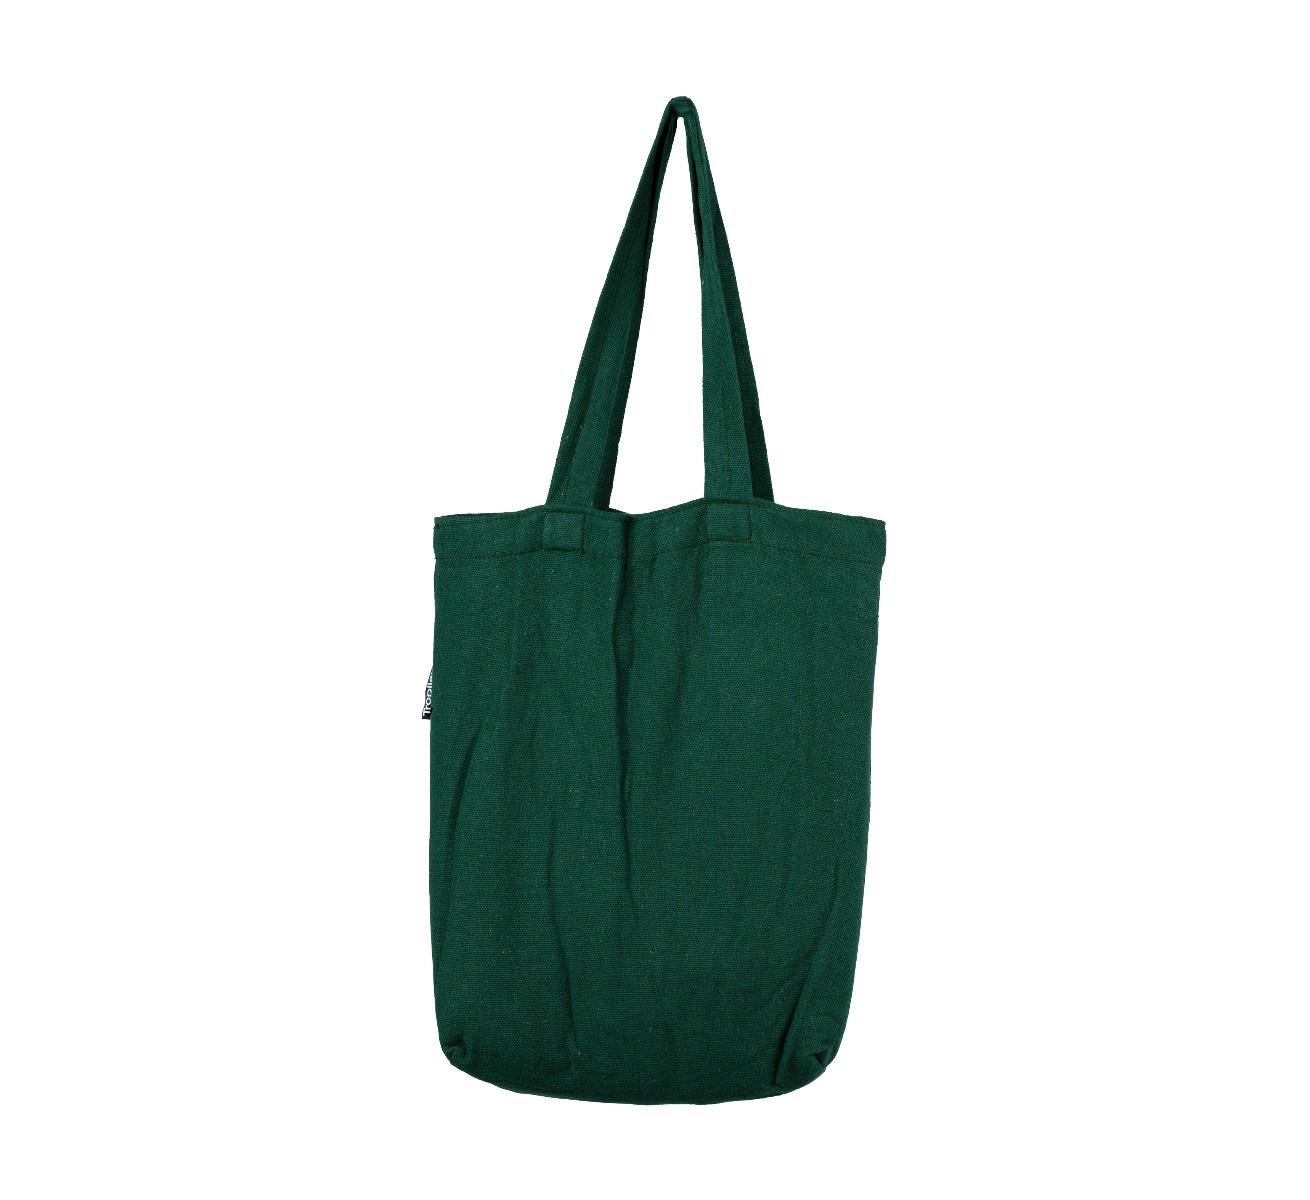 Hangmat 'Fine' Green - Tropilex ®